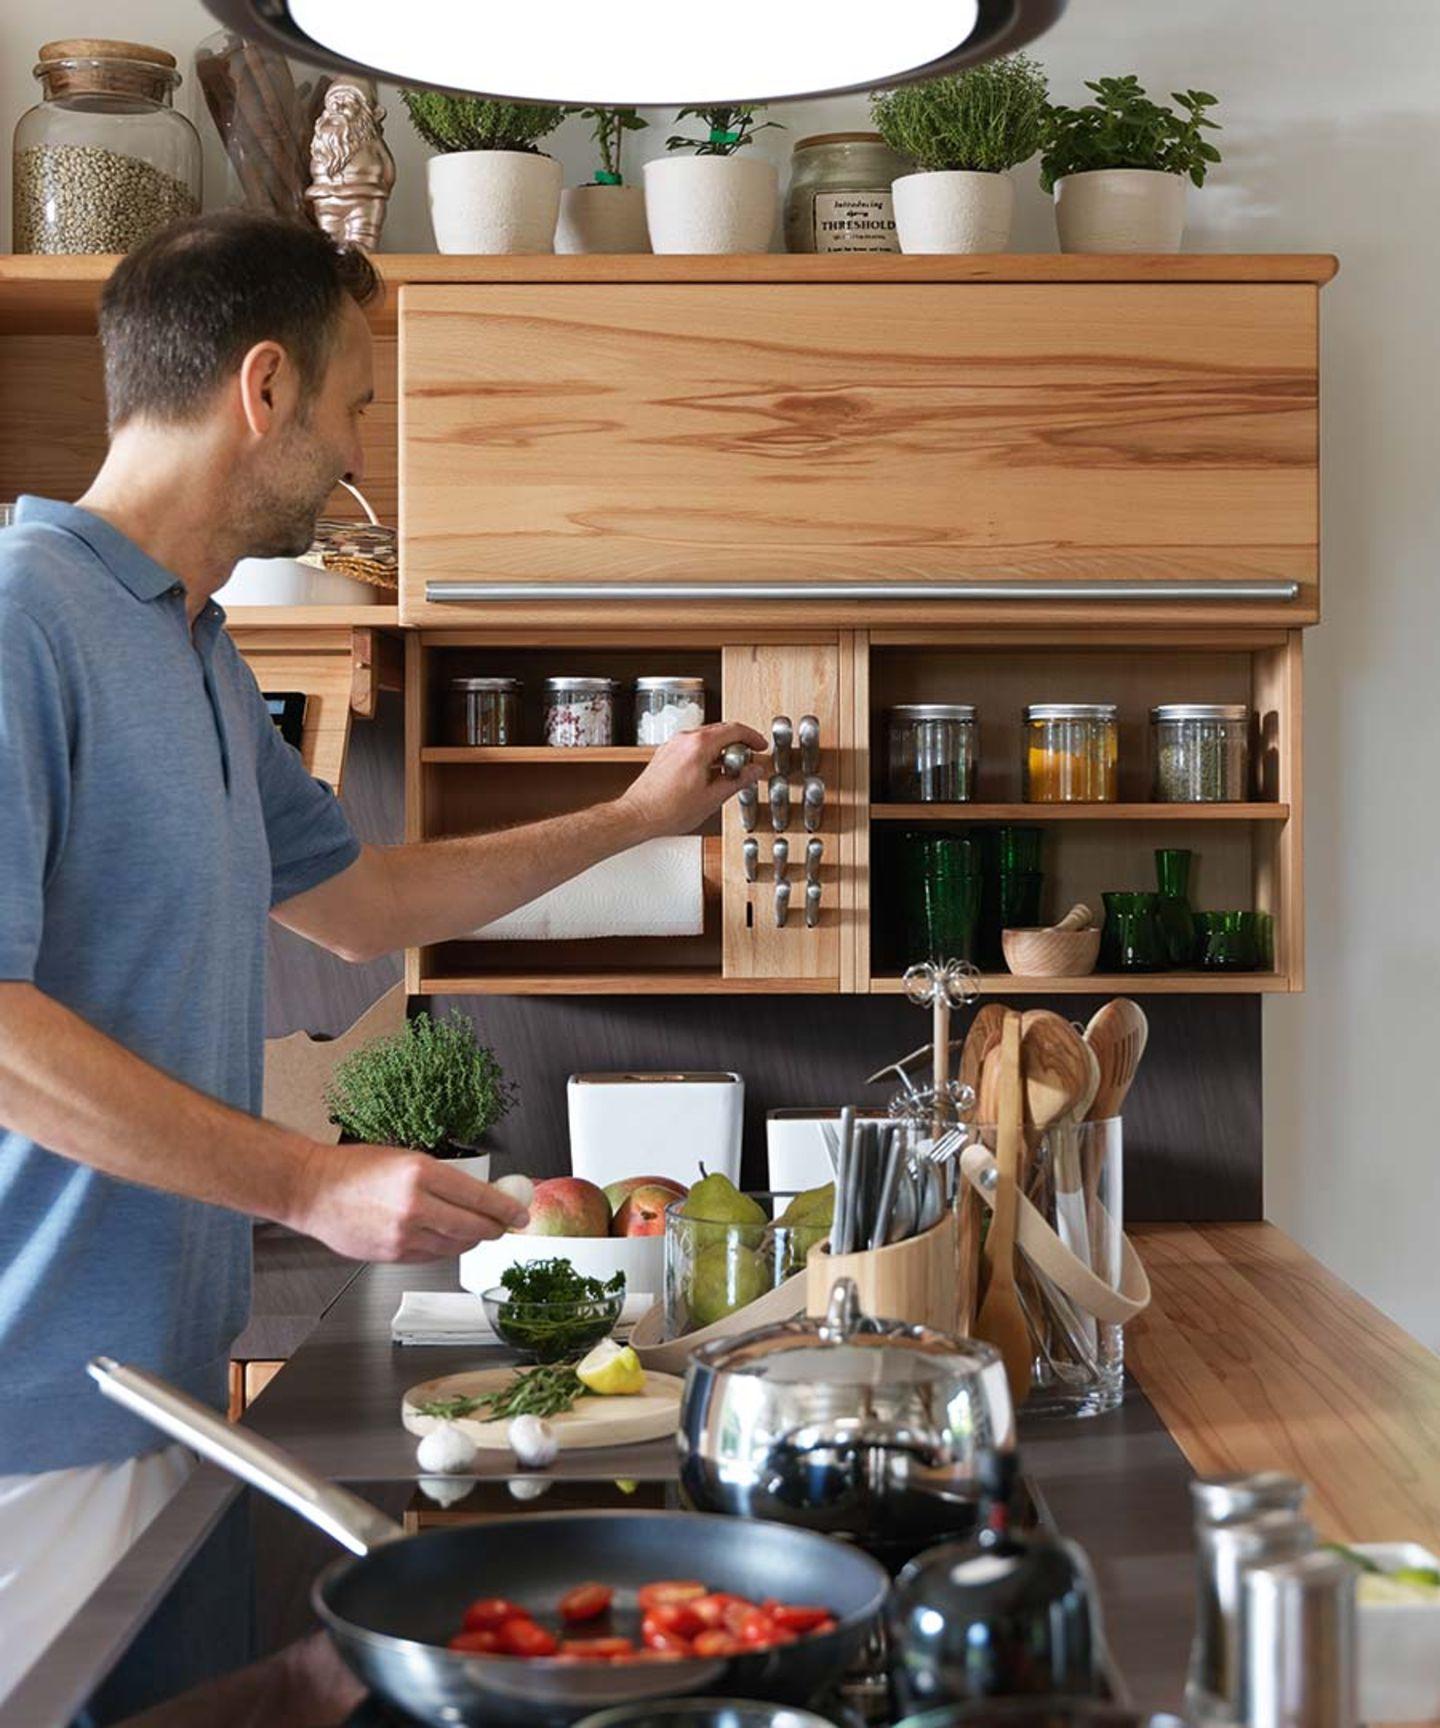 Vollholzküche rondo mit Borden und Simsleisten